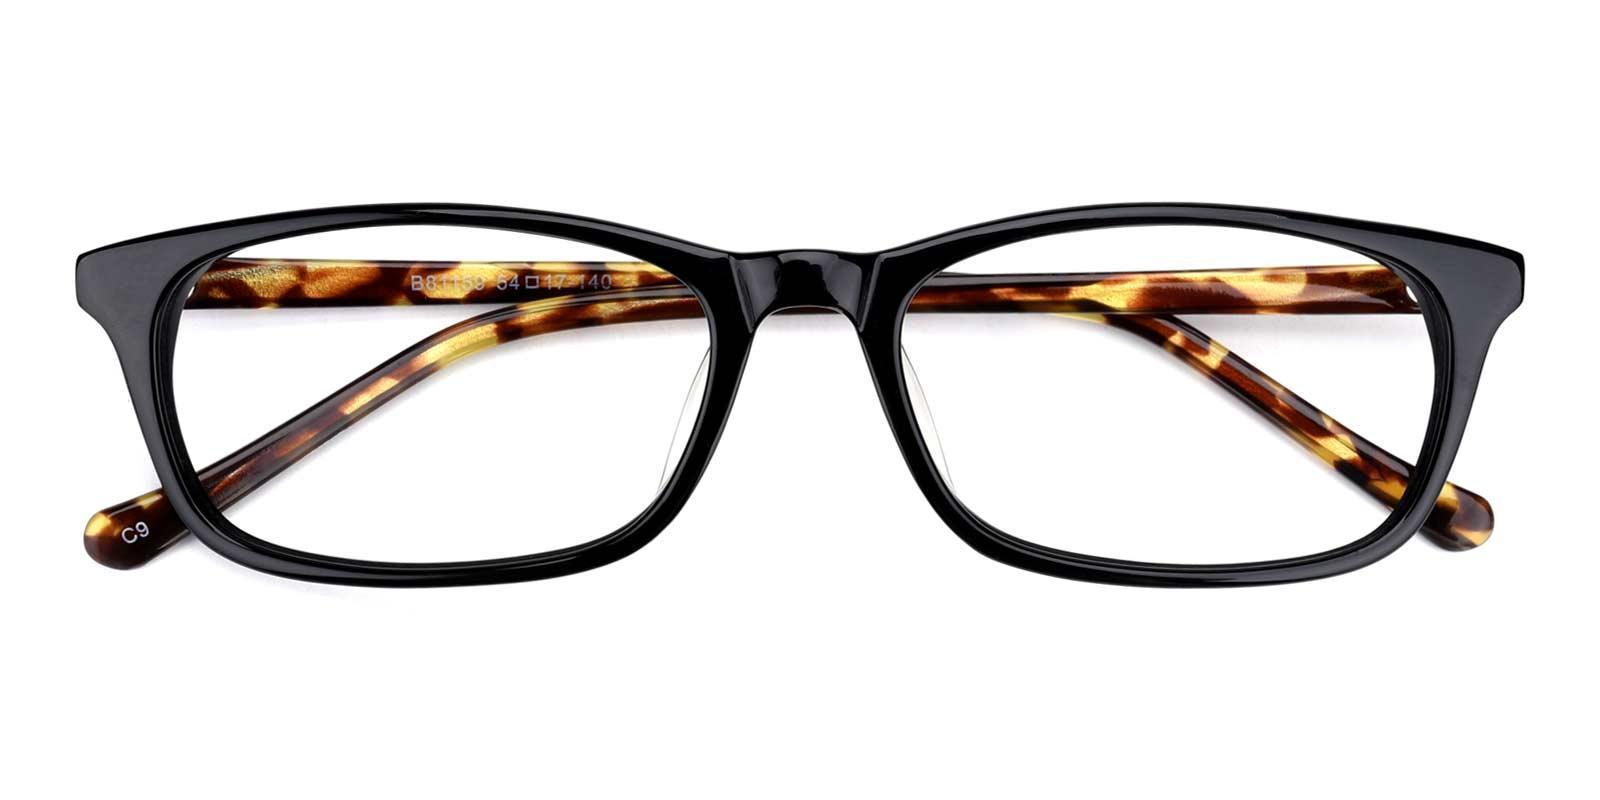 Shimmer-Tortoise-Rectangle-TR-Eyeglasses-detail